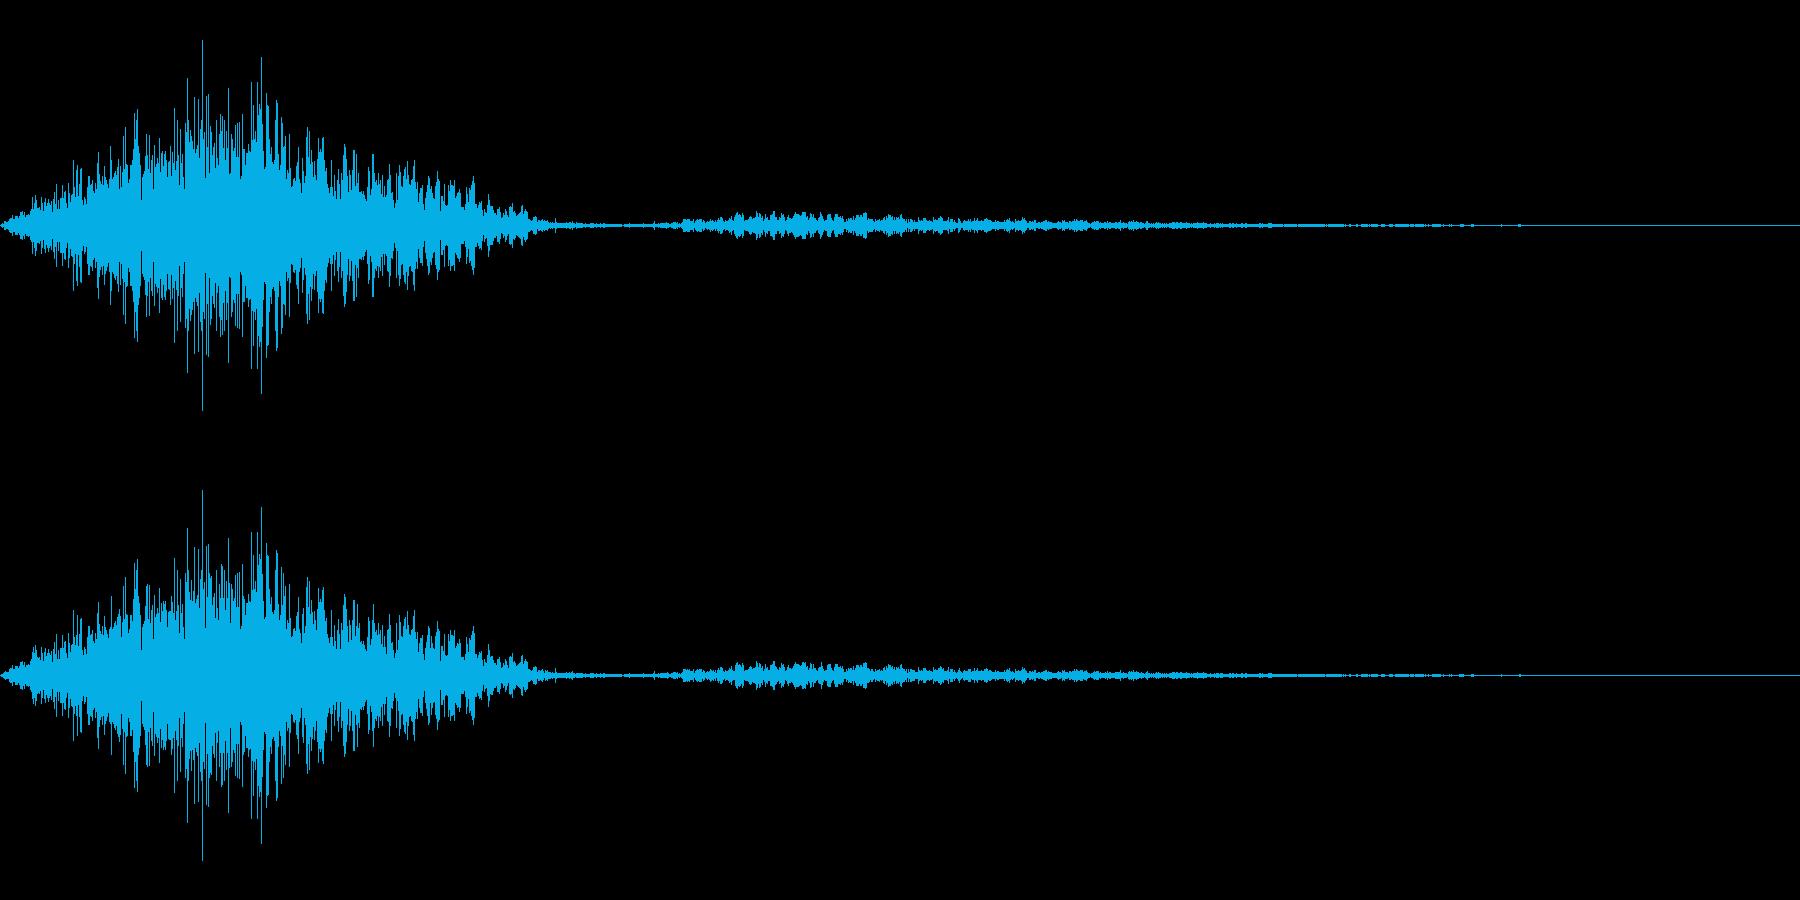 シュッ。ページをめくる(非リアル)イメ…の再生済みの波形